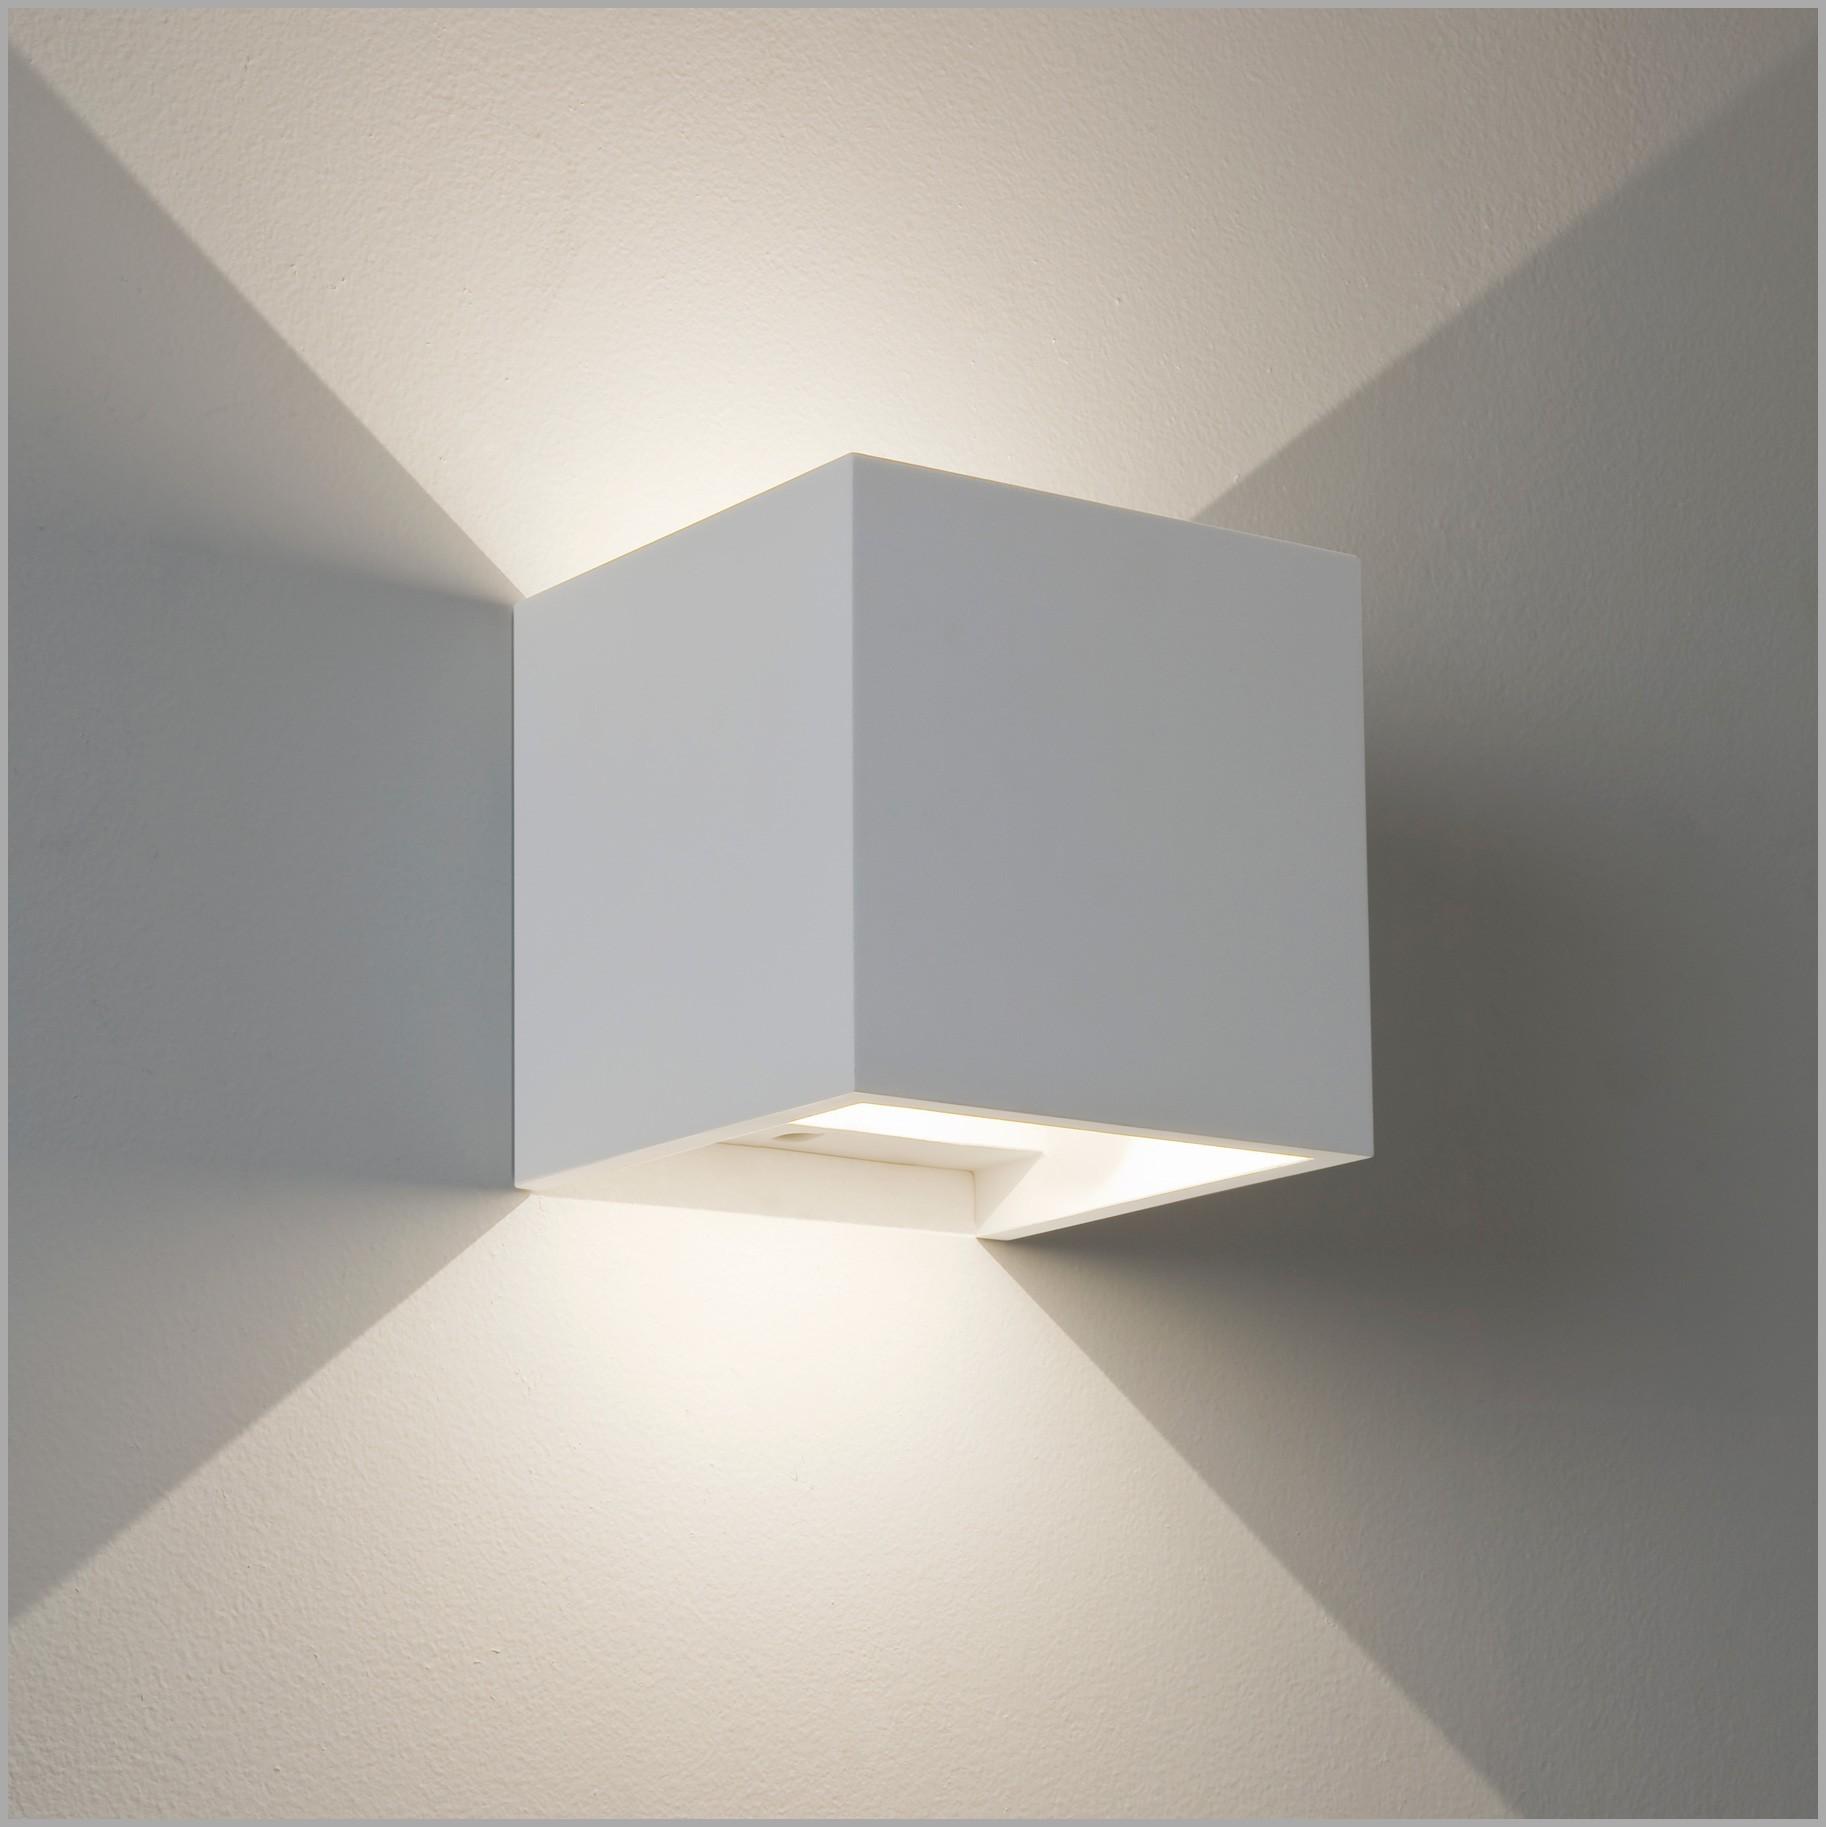 Applique Murale Design Led Chambre Idée De Luminaire Et Lampe Maison